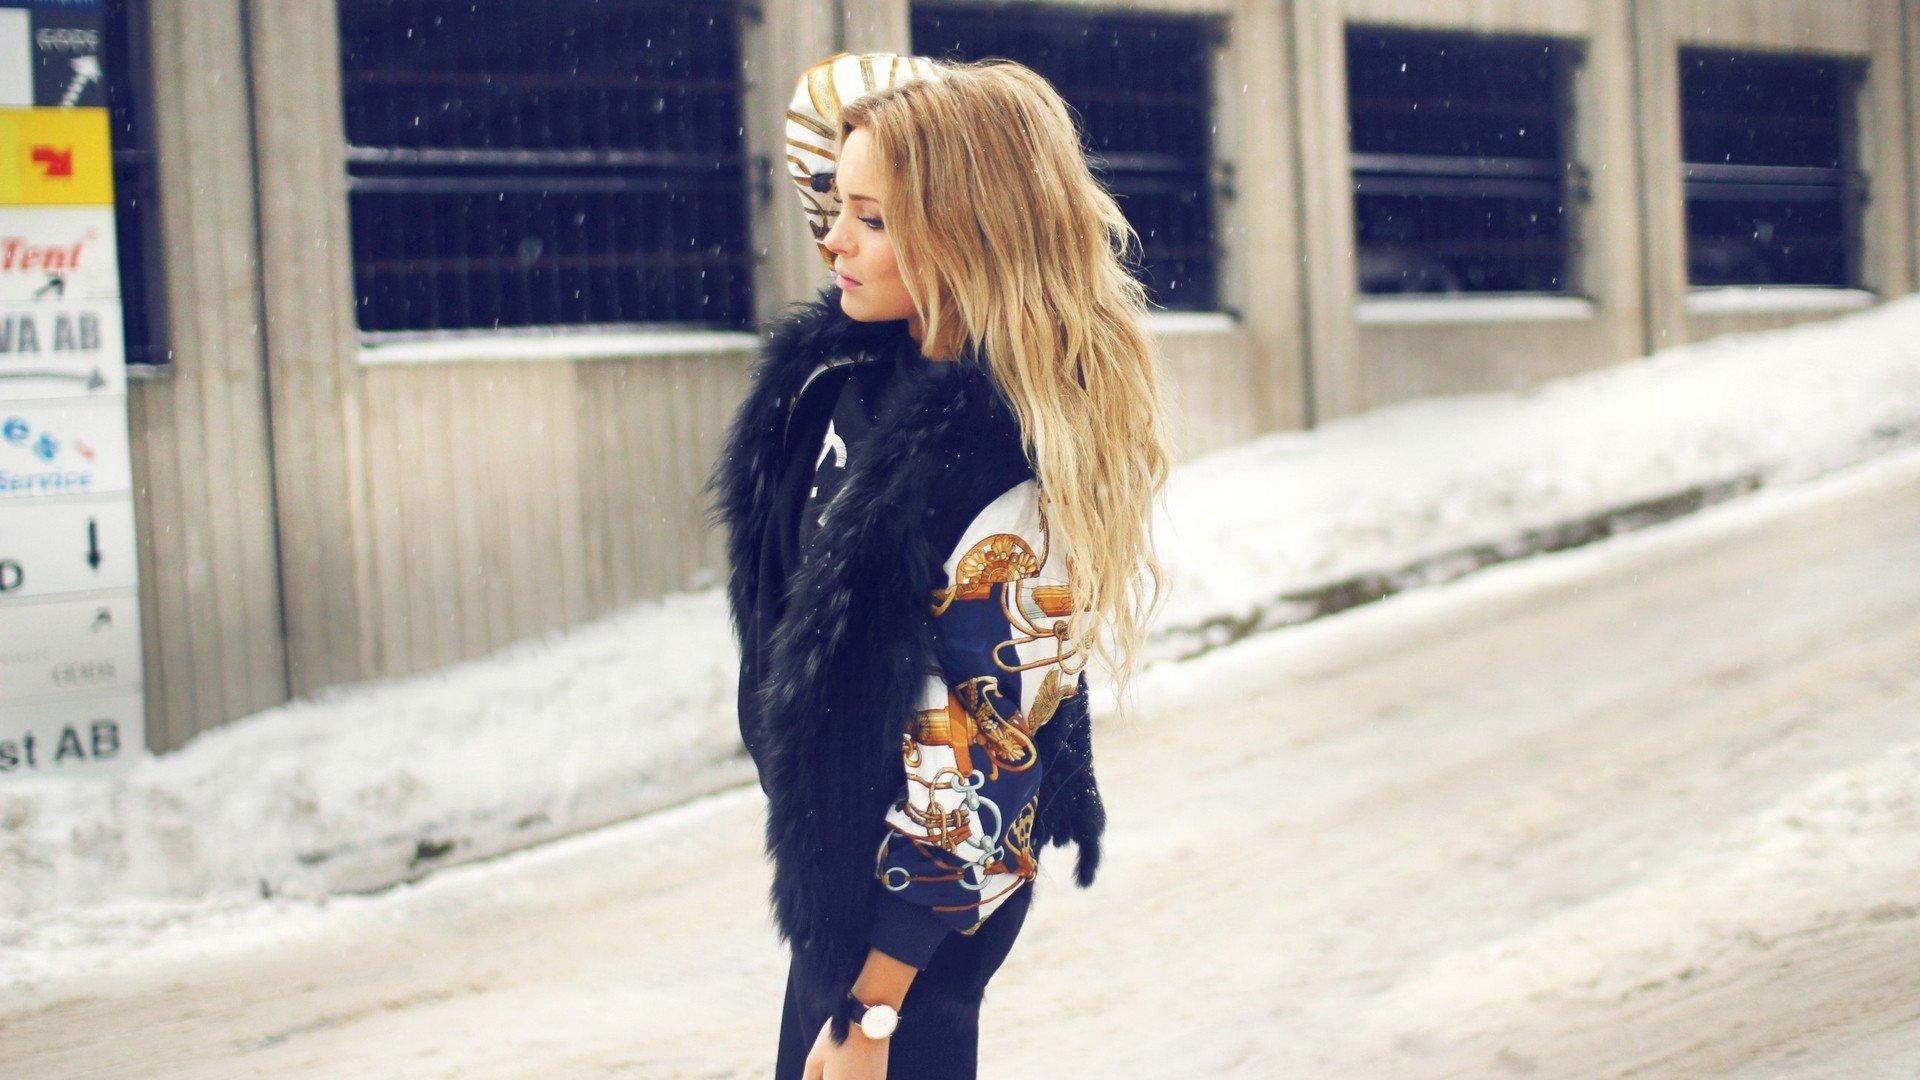 девушка Beeline зима блондинка girl winter blonde бесплатно